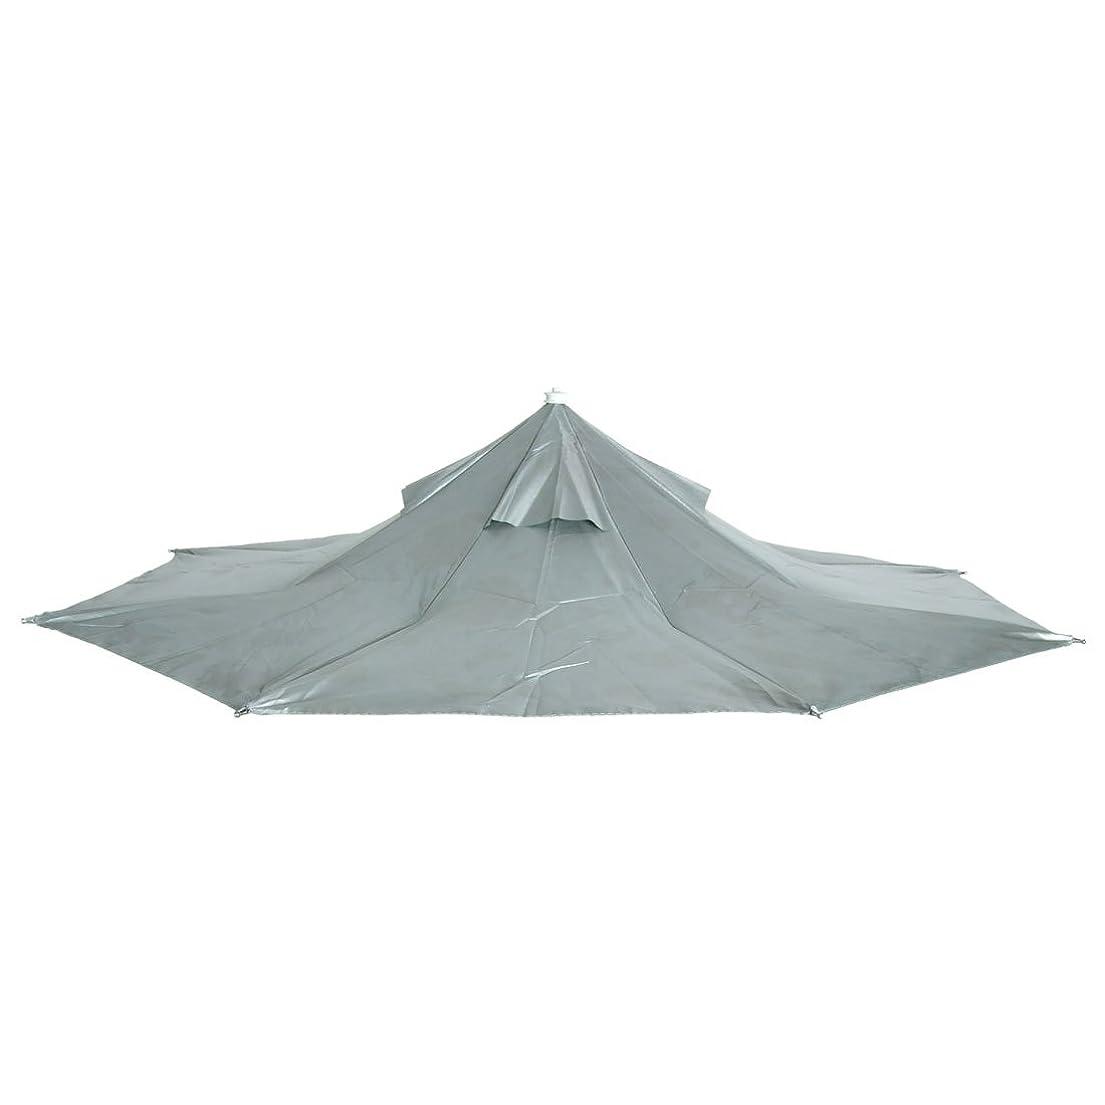 構造間違っている船尾uxcell 釣り傘 傘帽子 釣り用 ヘッドバンド ヘッドキャップ 新しい 迷彩 折りたたみ